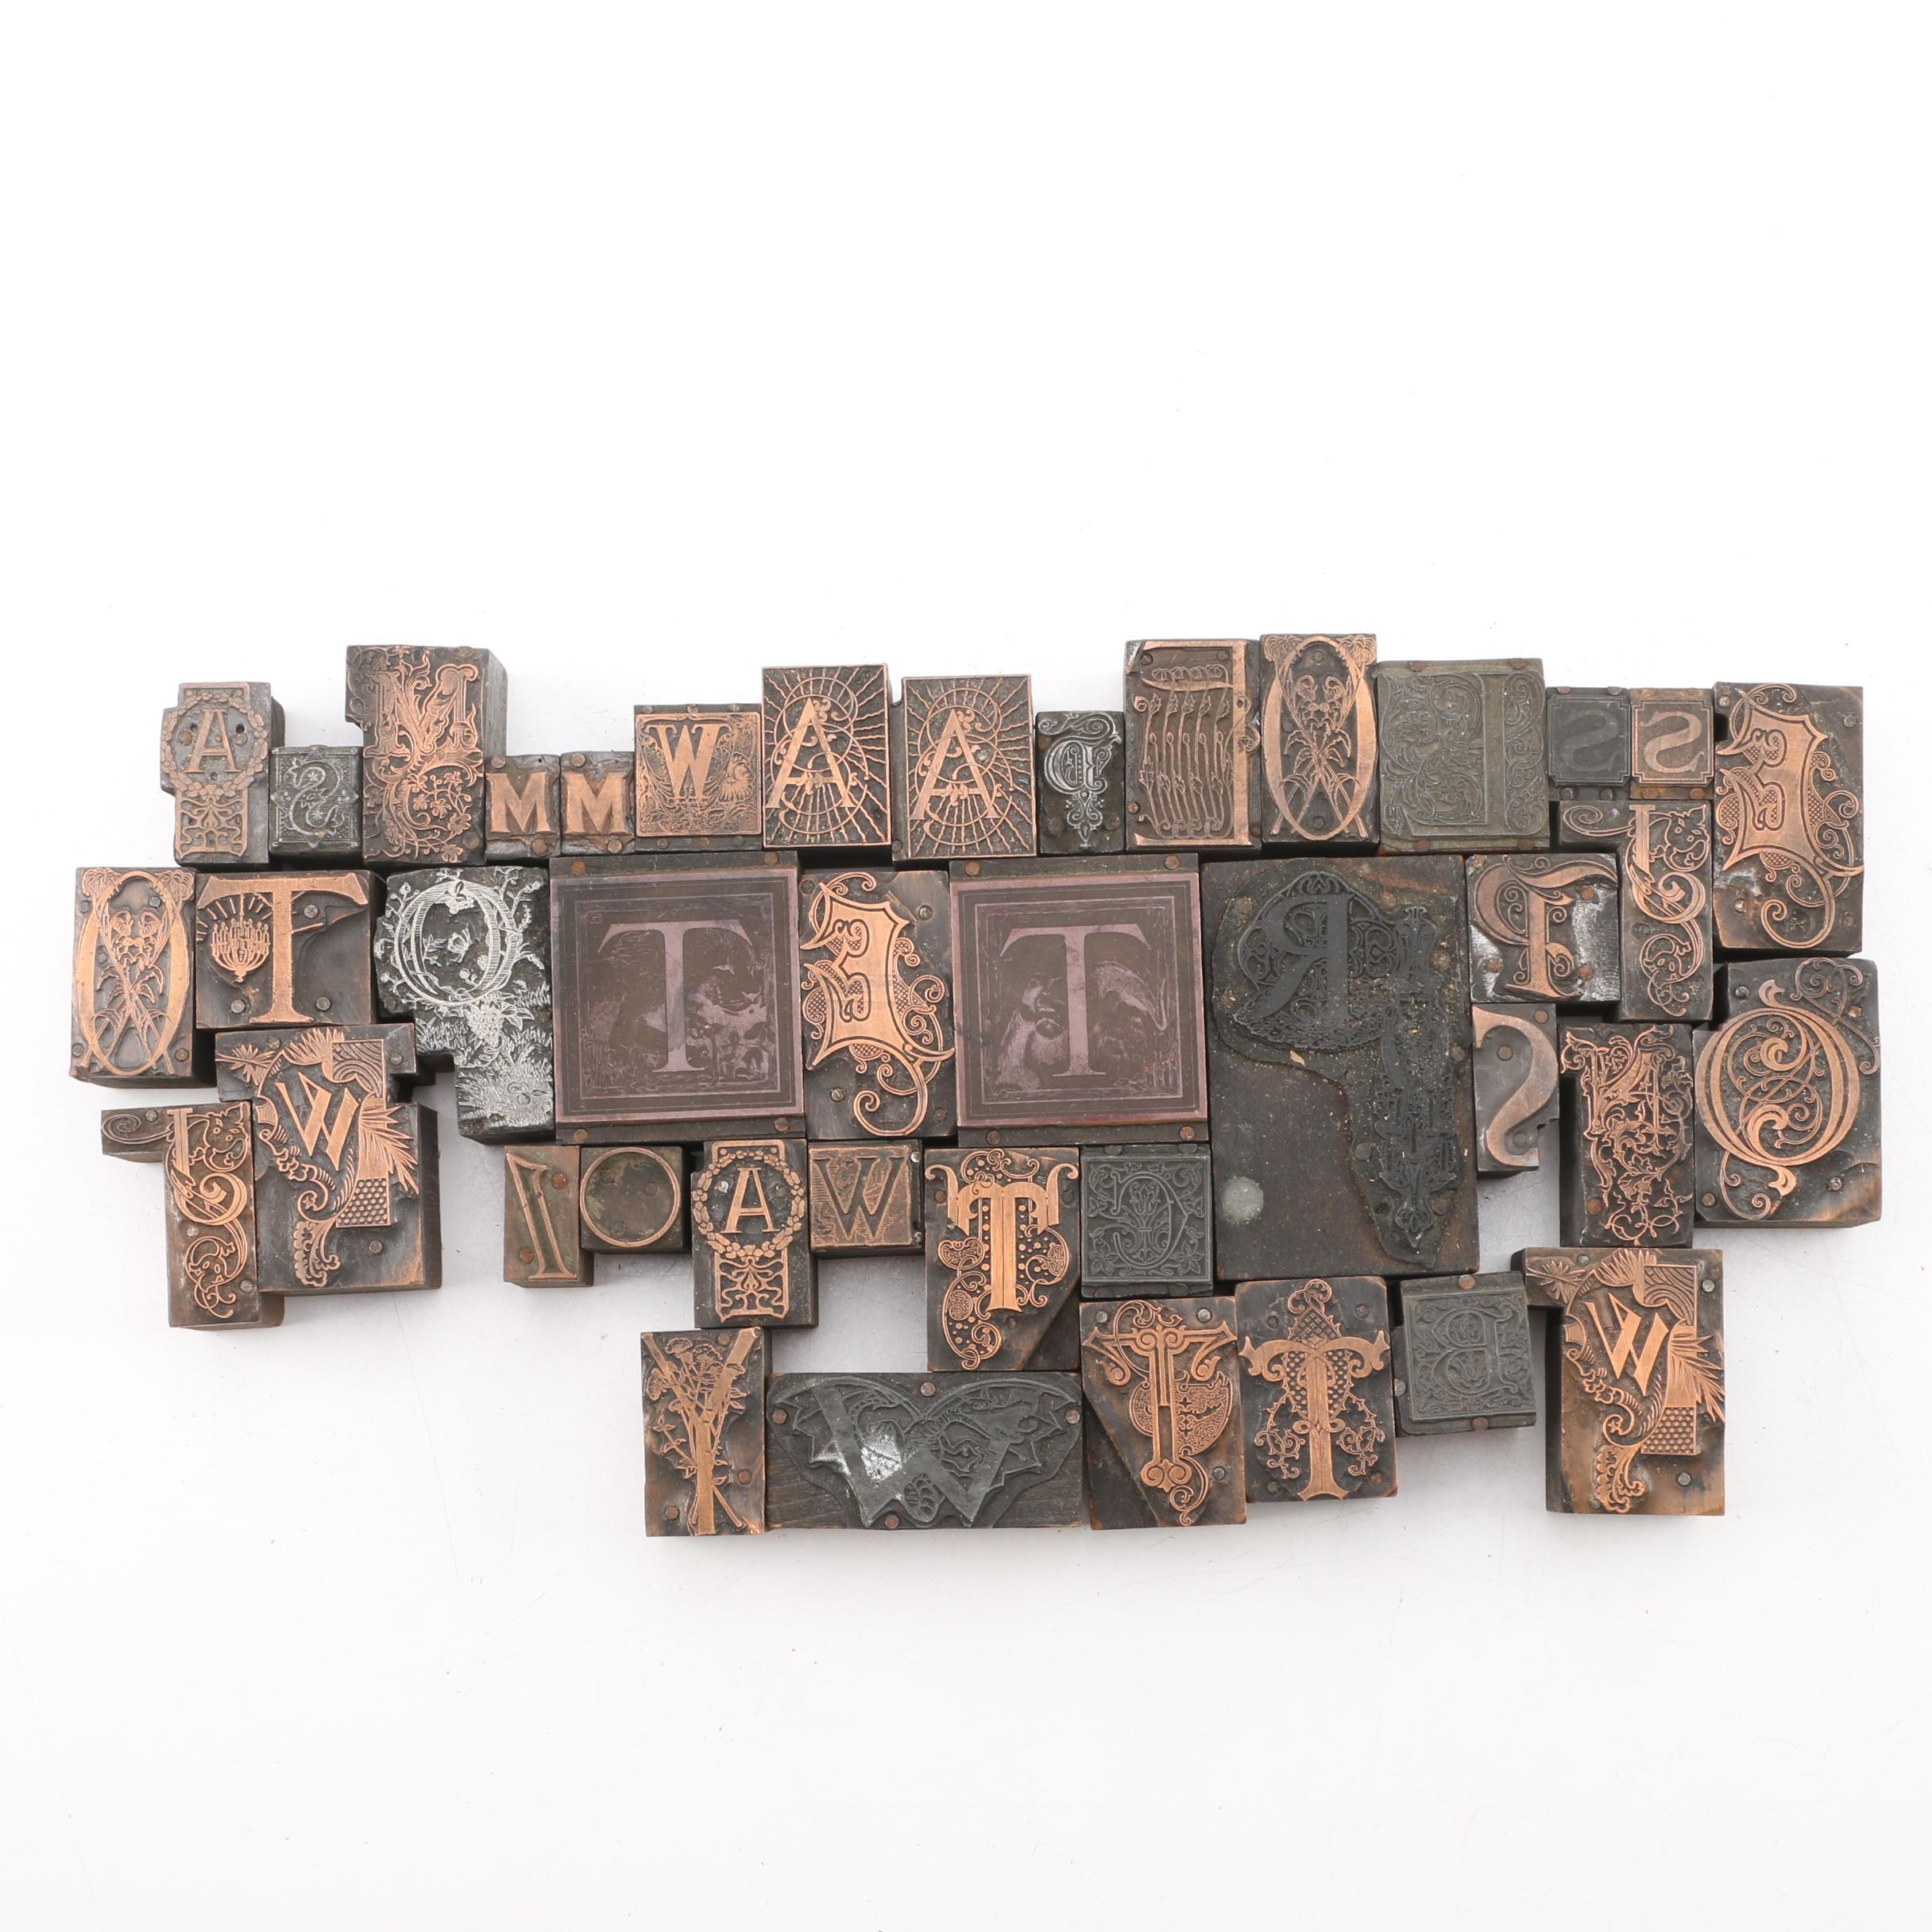 Antique Letterpress Drop Cap Initial Blocks Featuring Art Nouveau Styles